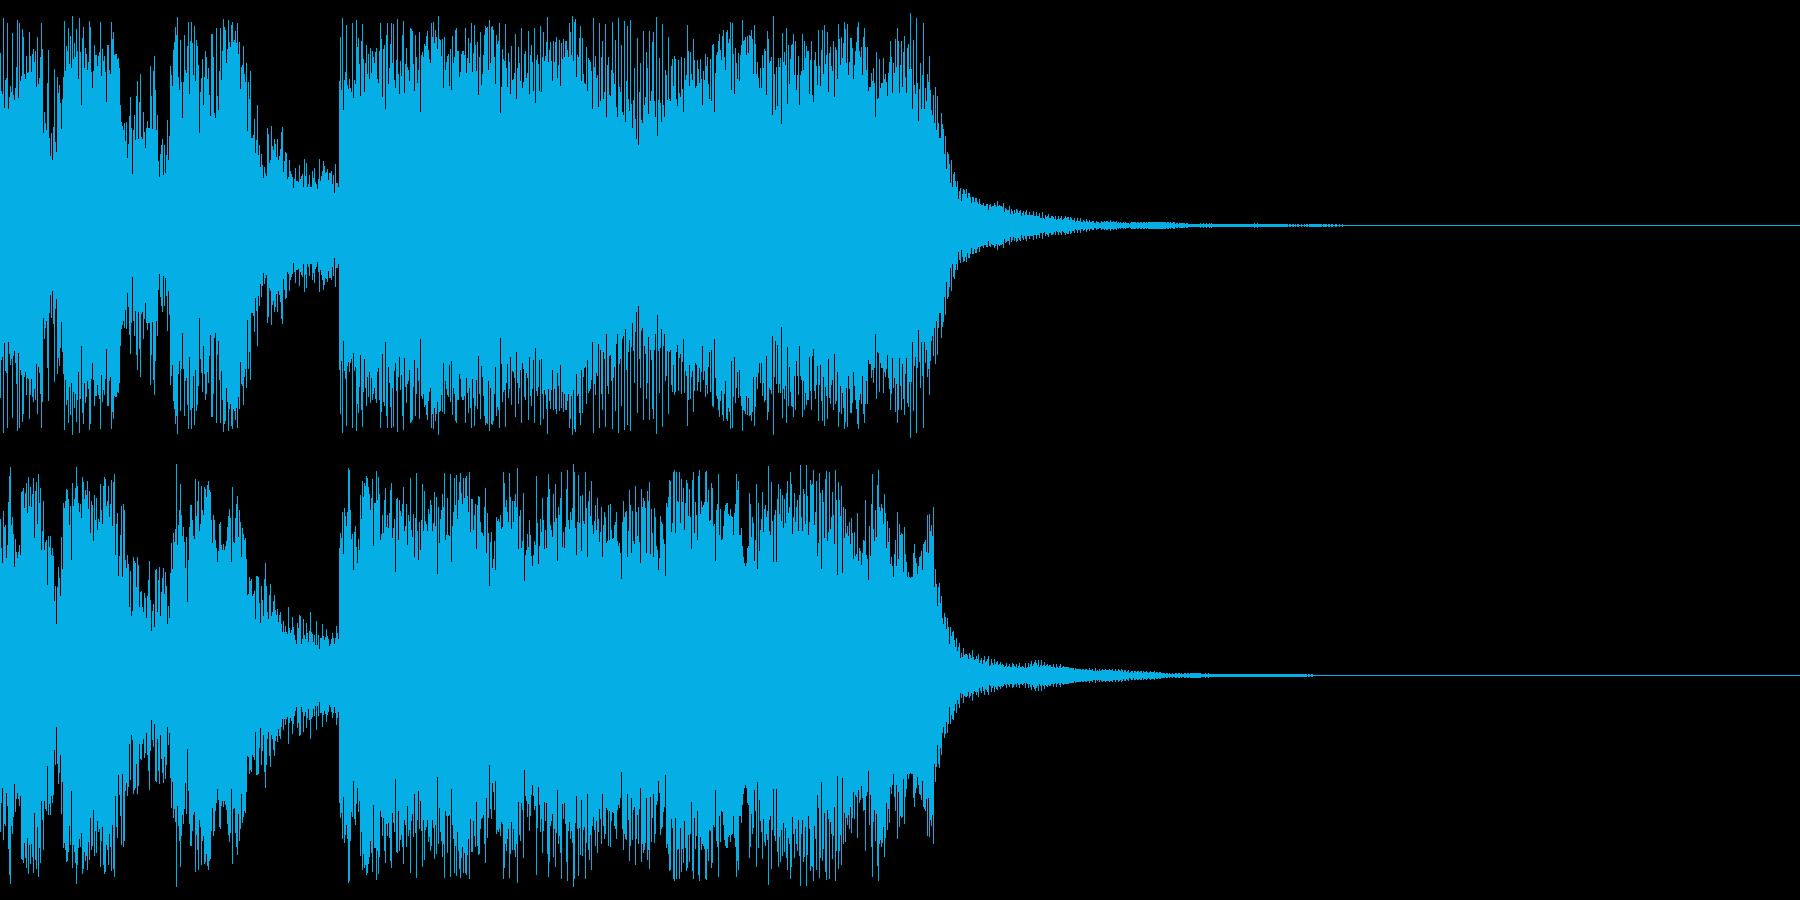 パパッパッパー:ドッキリなんかにどうぞの再生済みの波形